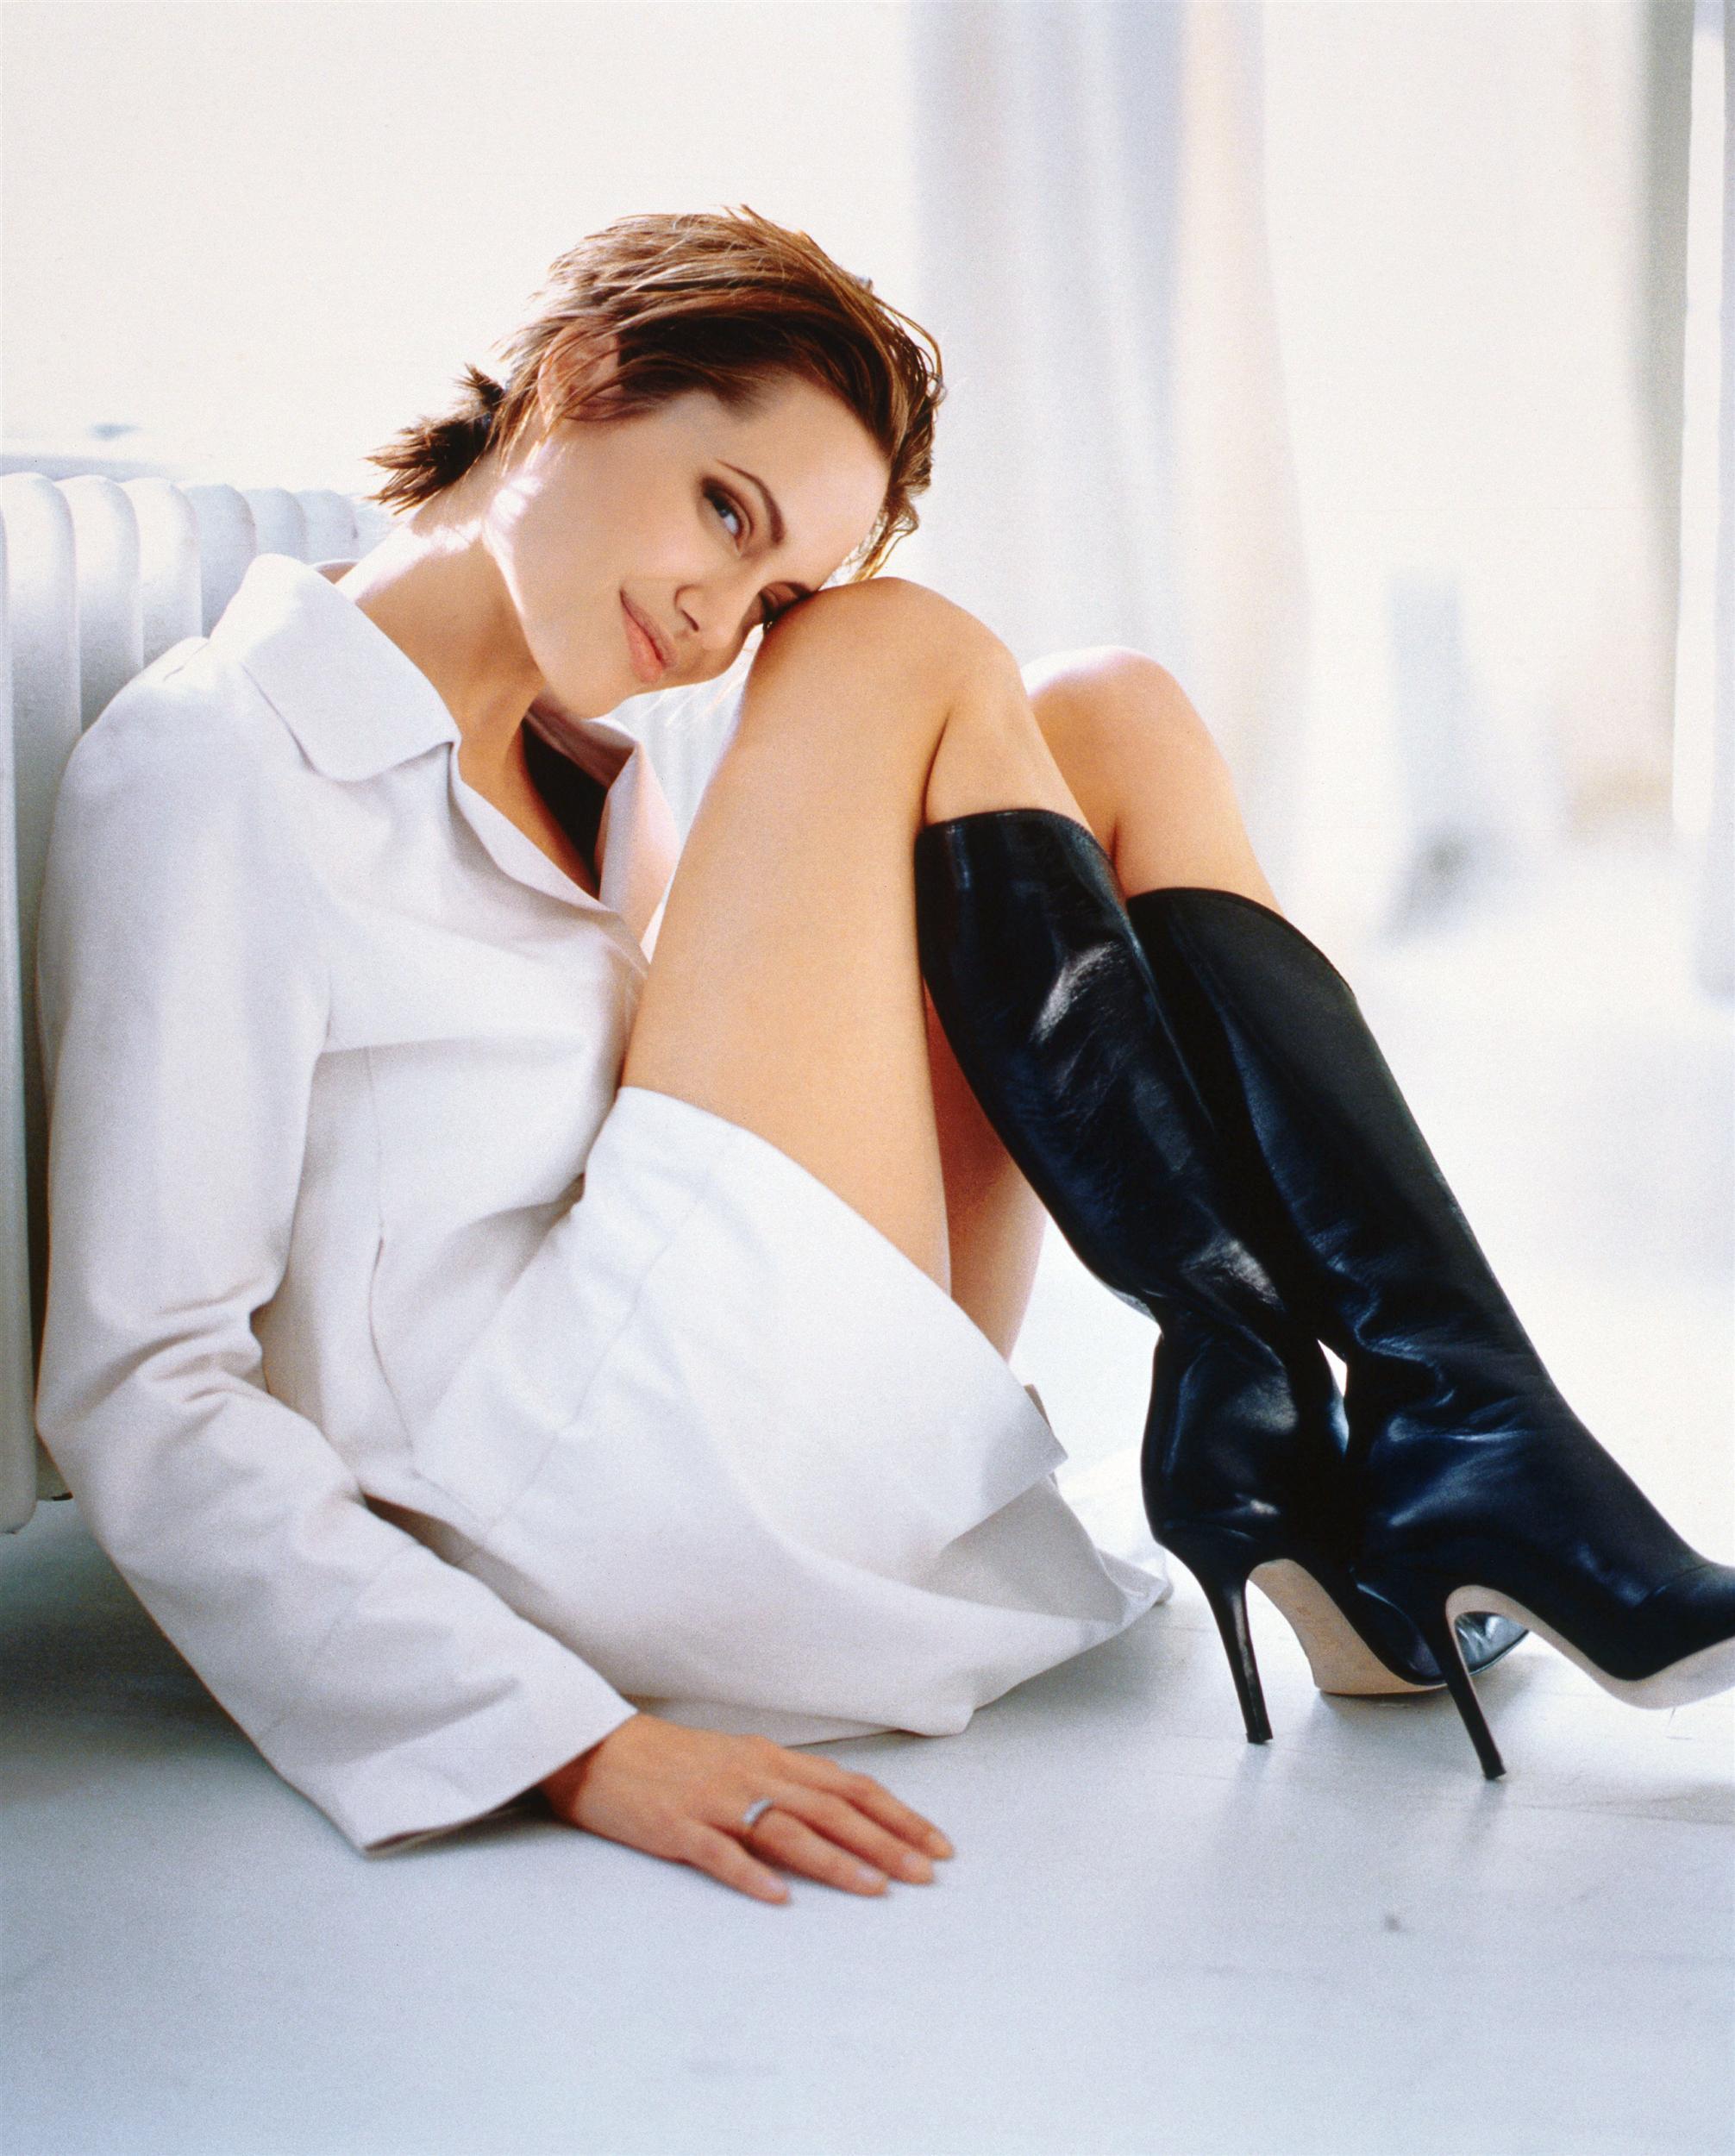 Фото женщин в белых сапогах 15 фотография